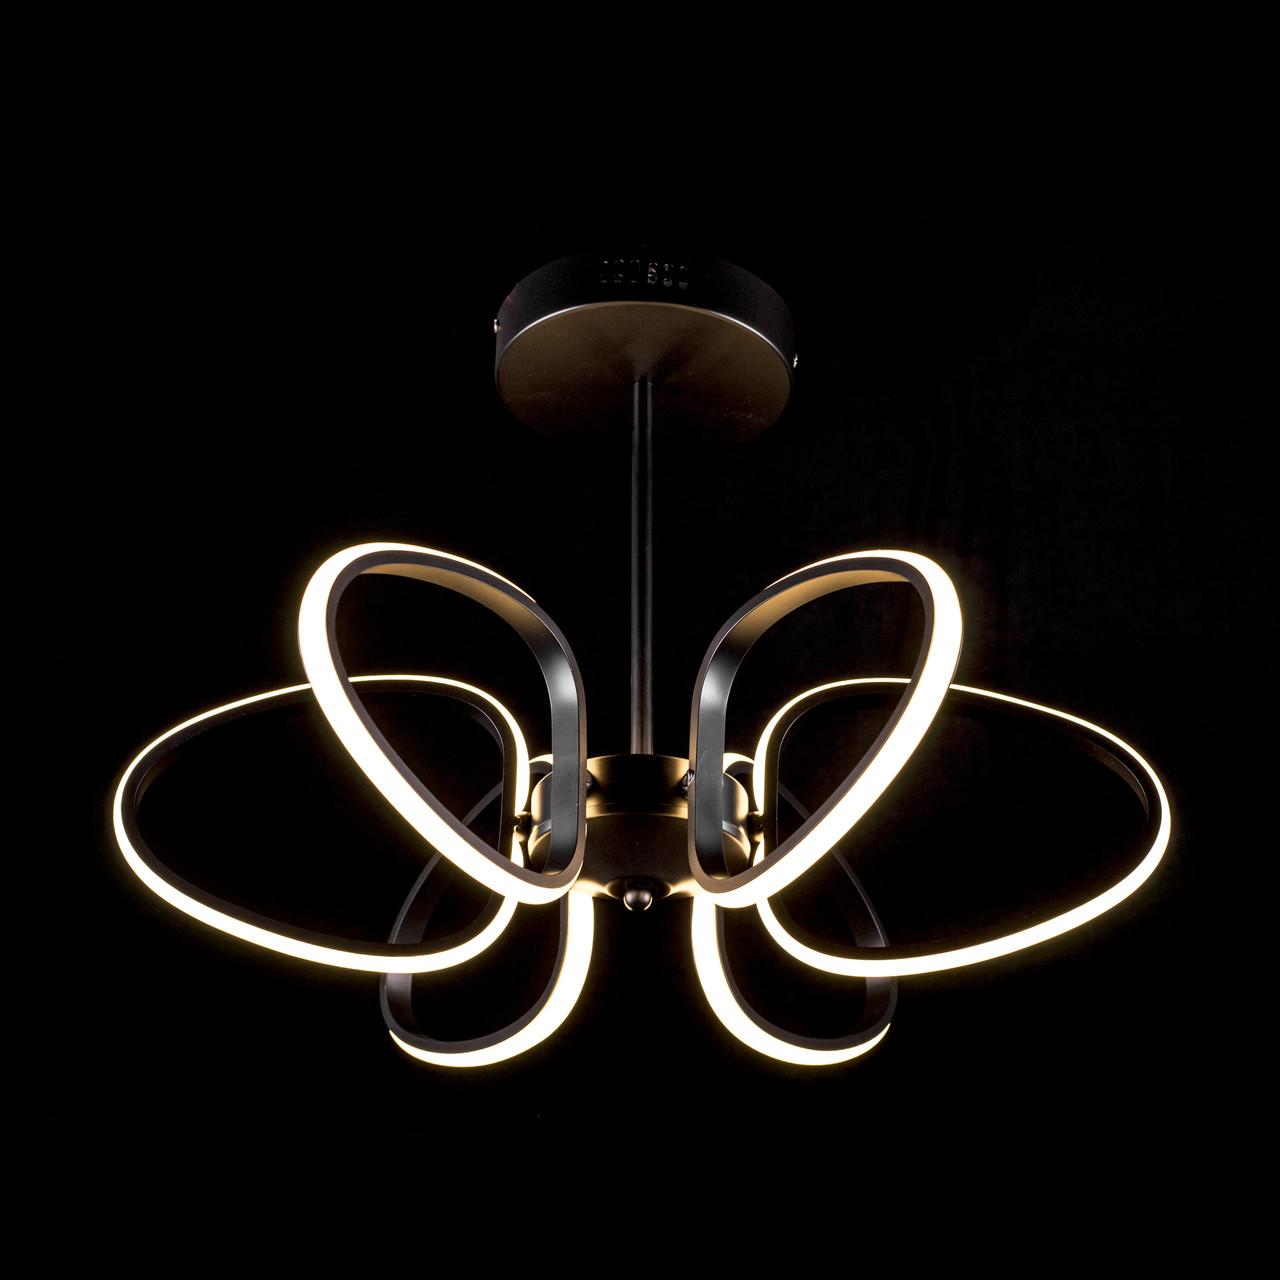 Светодиодная (LED) люстра Прометей  (теплый свет) P5-YT076/6/BK